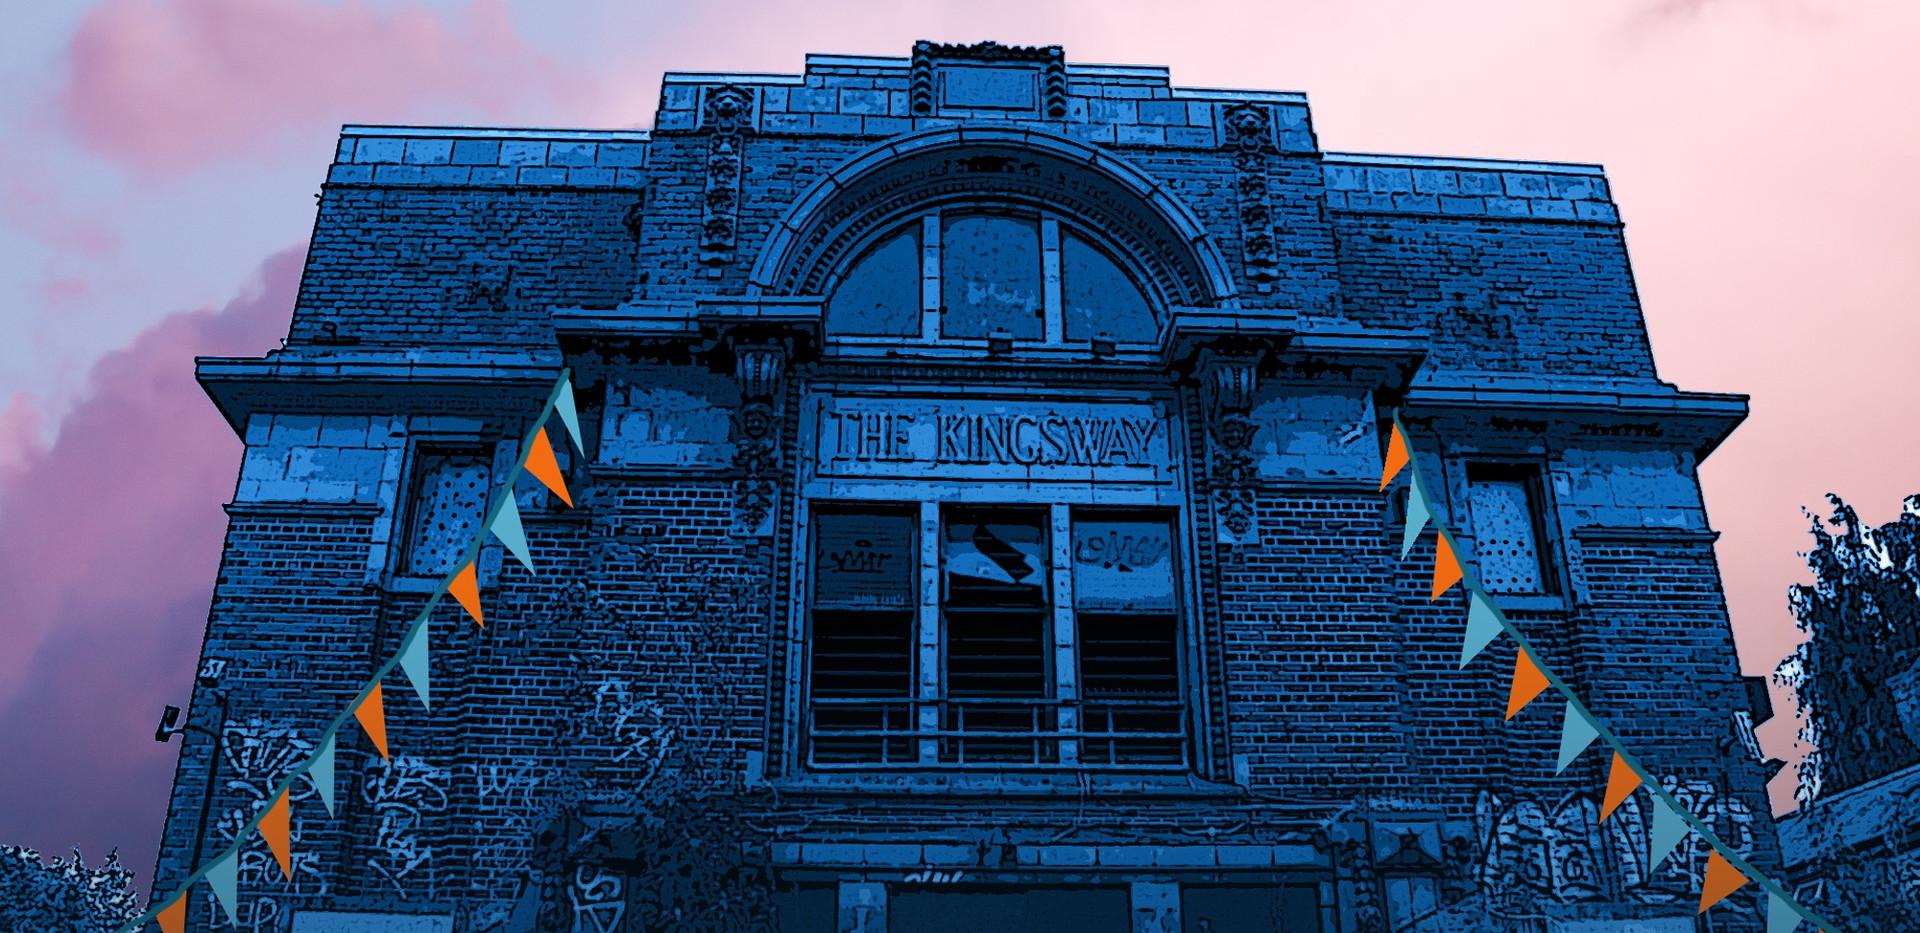 Kingsway%20Page%20Test_edited.jpg